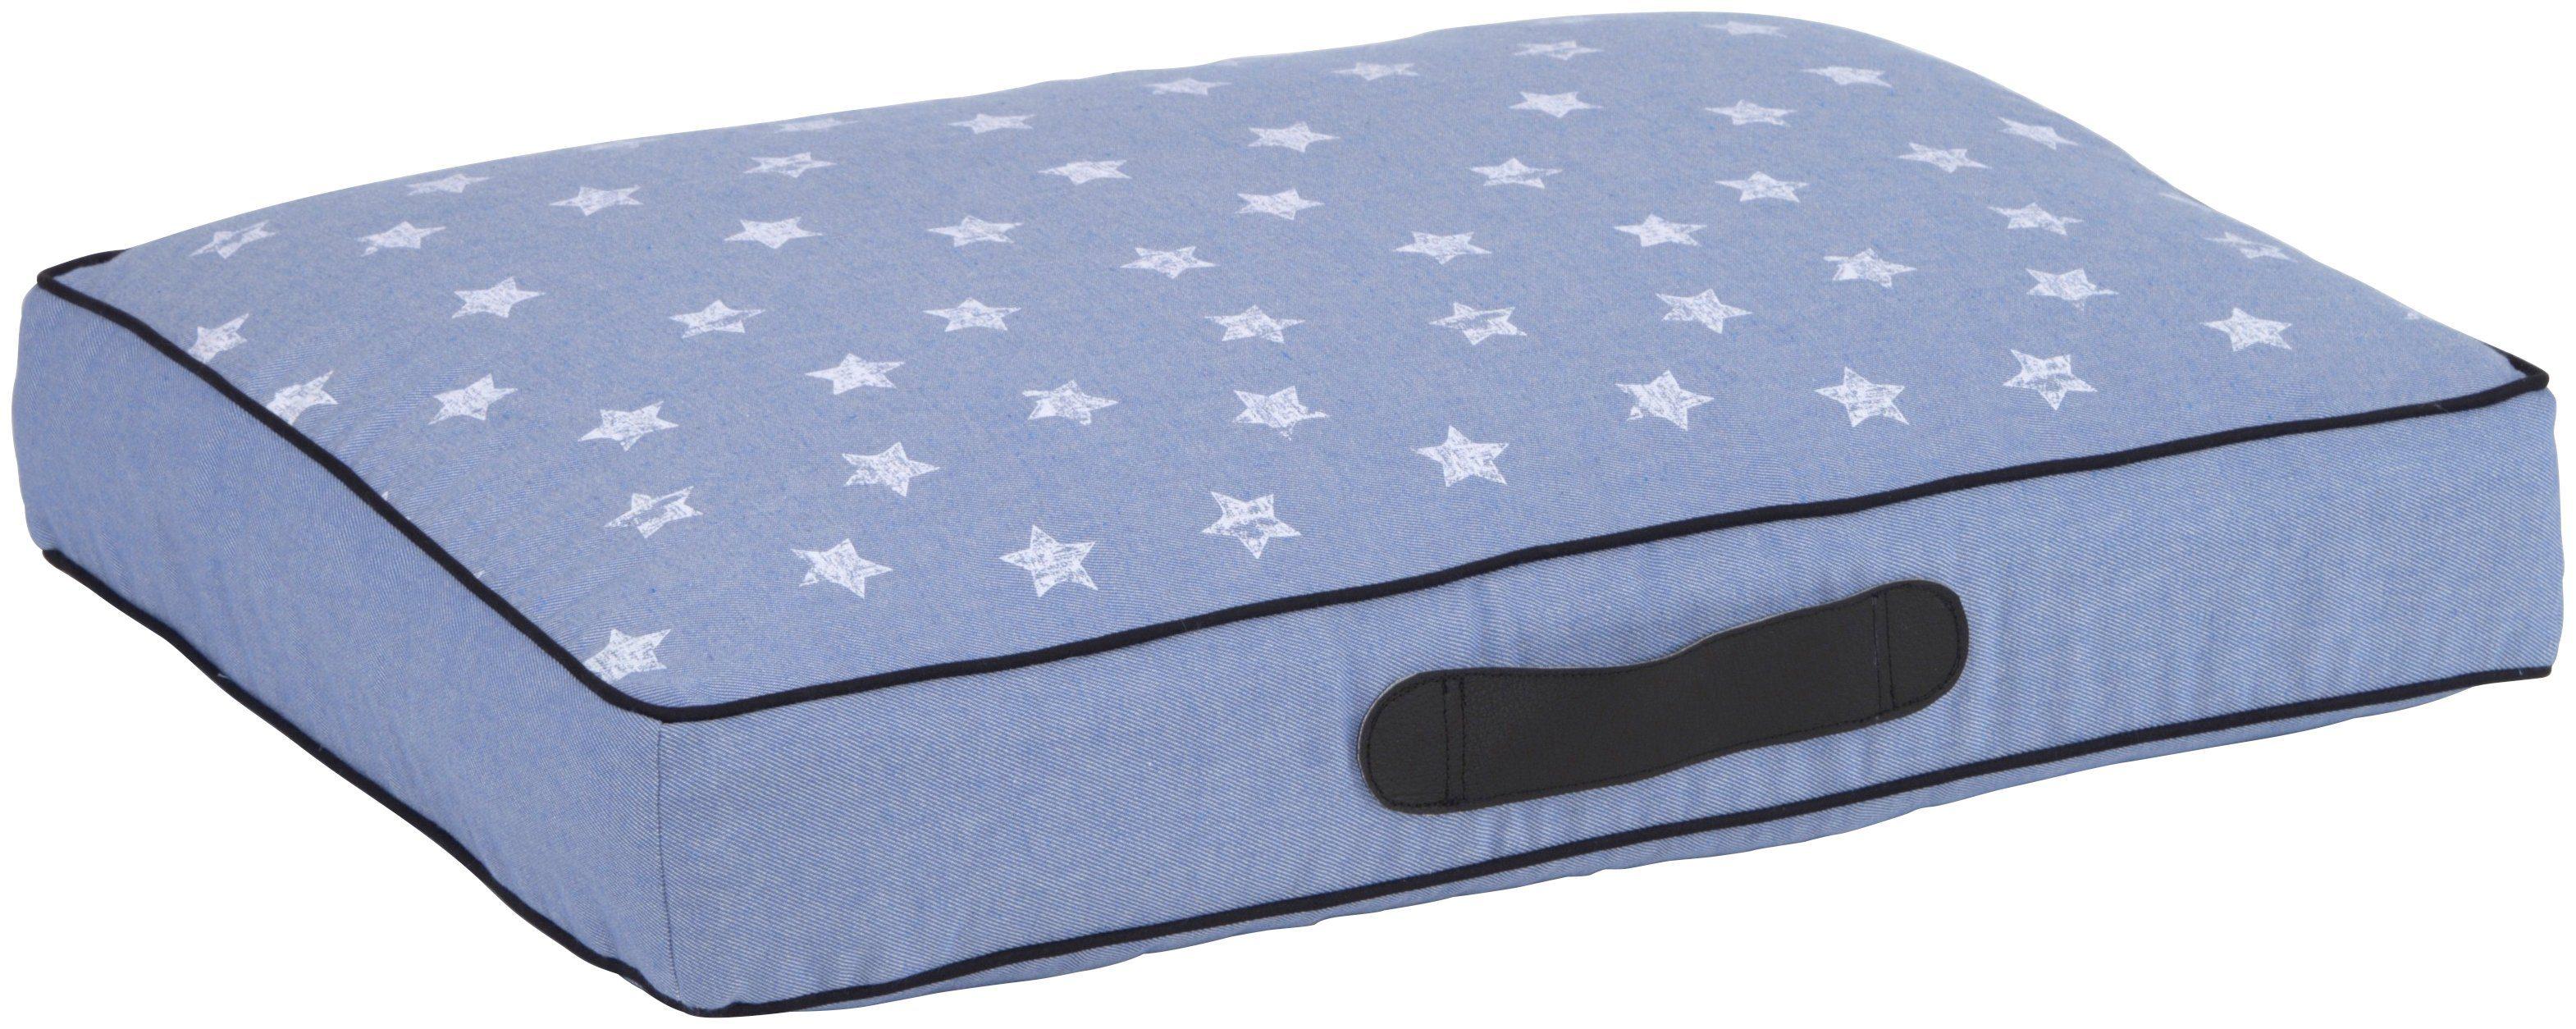 SILVIO DESIGN Hundebett und Katzenbett , B/L/H: 72/54/10 cm, jeansblau